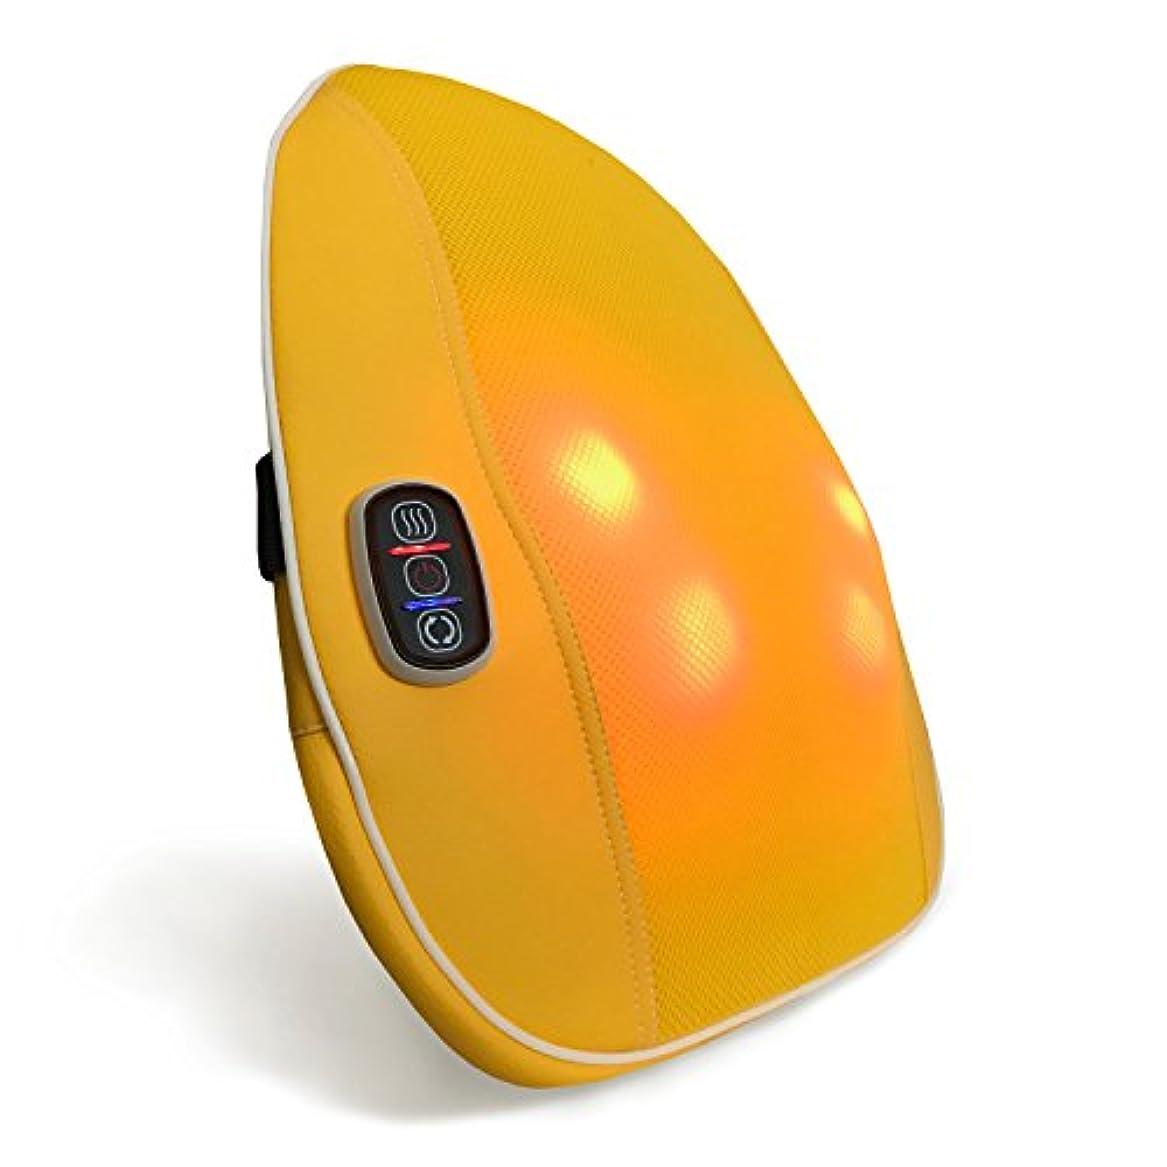 遺伝的数字ホイストクロシオ スマートマッサージャー パプリカ イエロー 幅40cm 厚み9cm もみ玉式マッサージ器 薄型 簡単操作 マッサージクッション